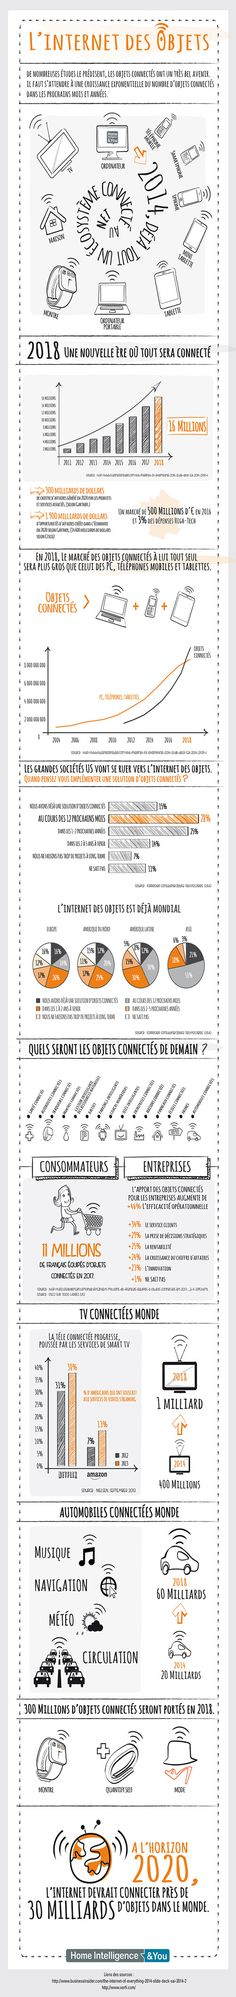 L'internet des objets en infographie / Hi & You